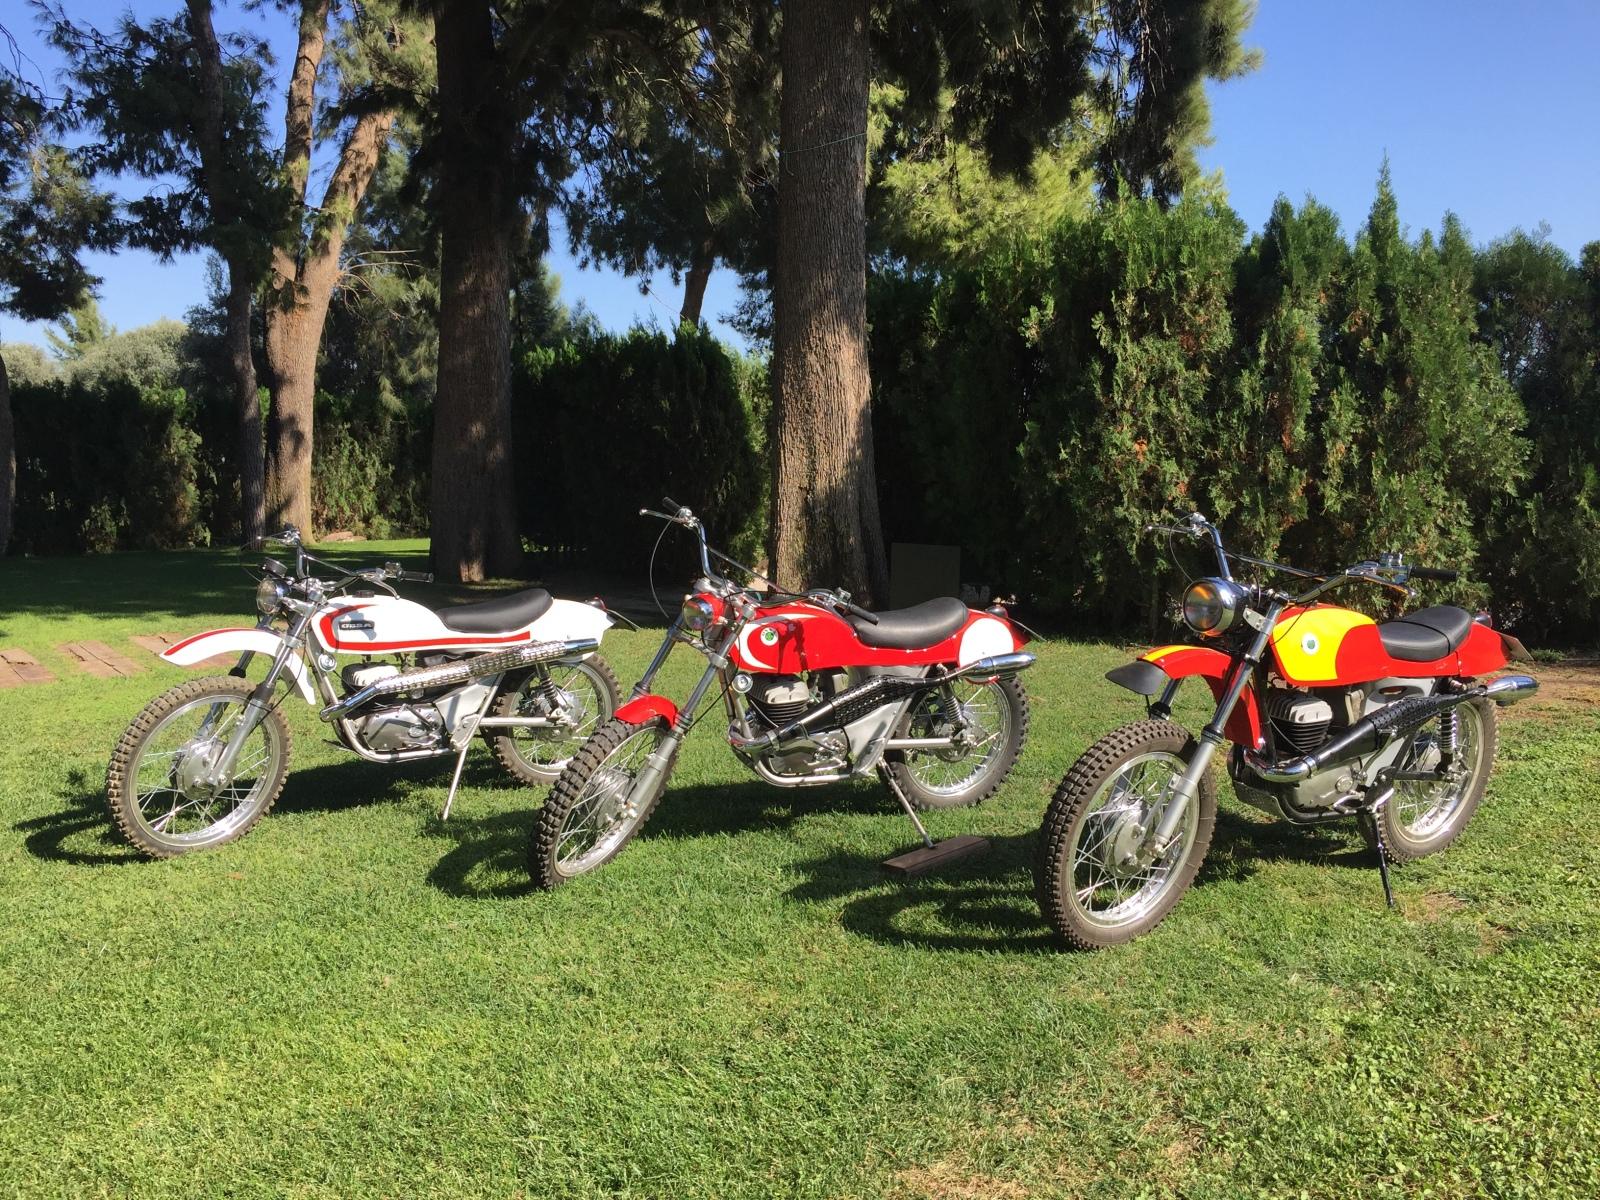 Colección TT Competición: Bultaco,Montesa,Ossa - Página 3 10ygvo3